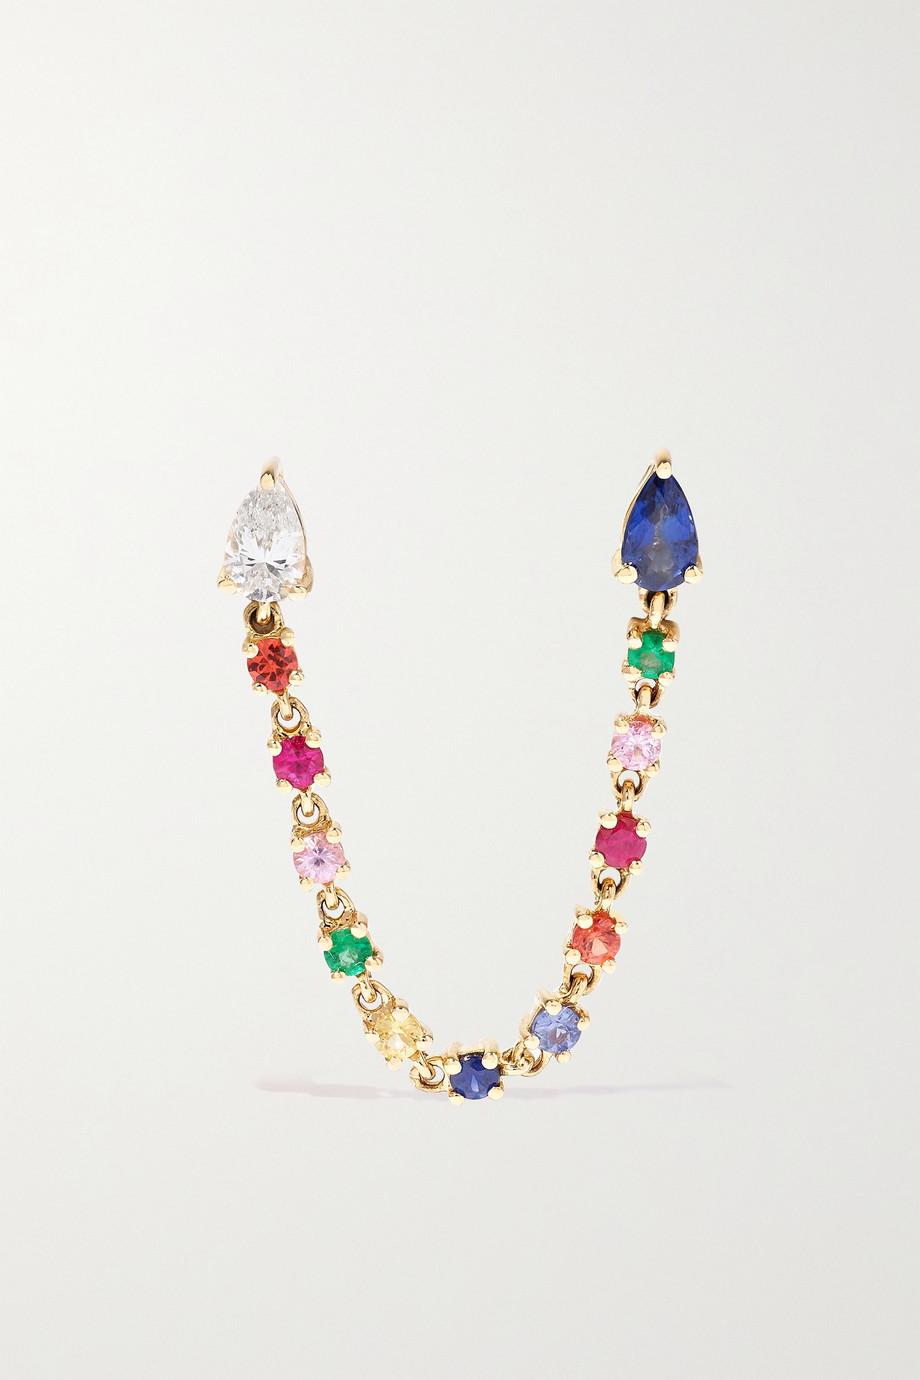 Anita Ko Boucle d'oreille unique en or 18 carats (750/1000), saphirs et diamant